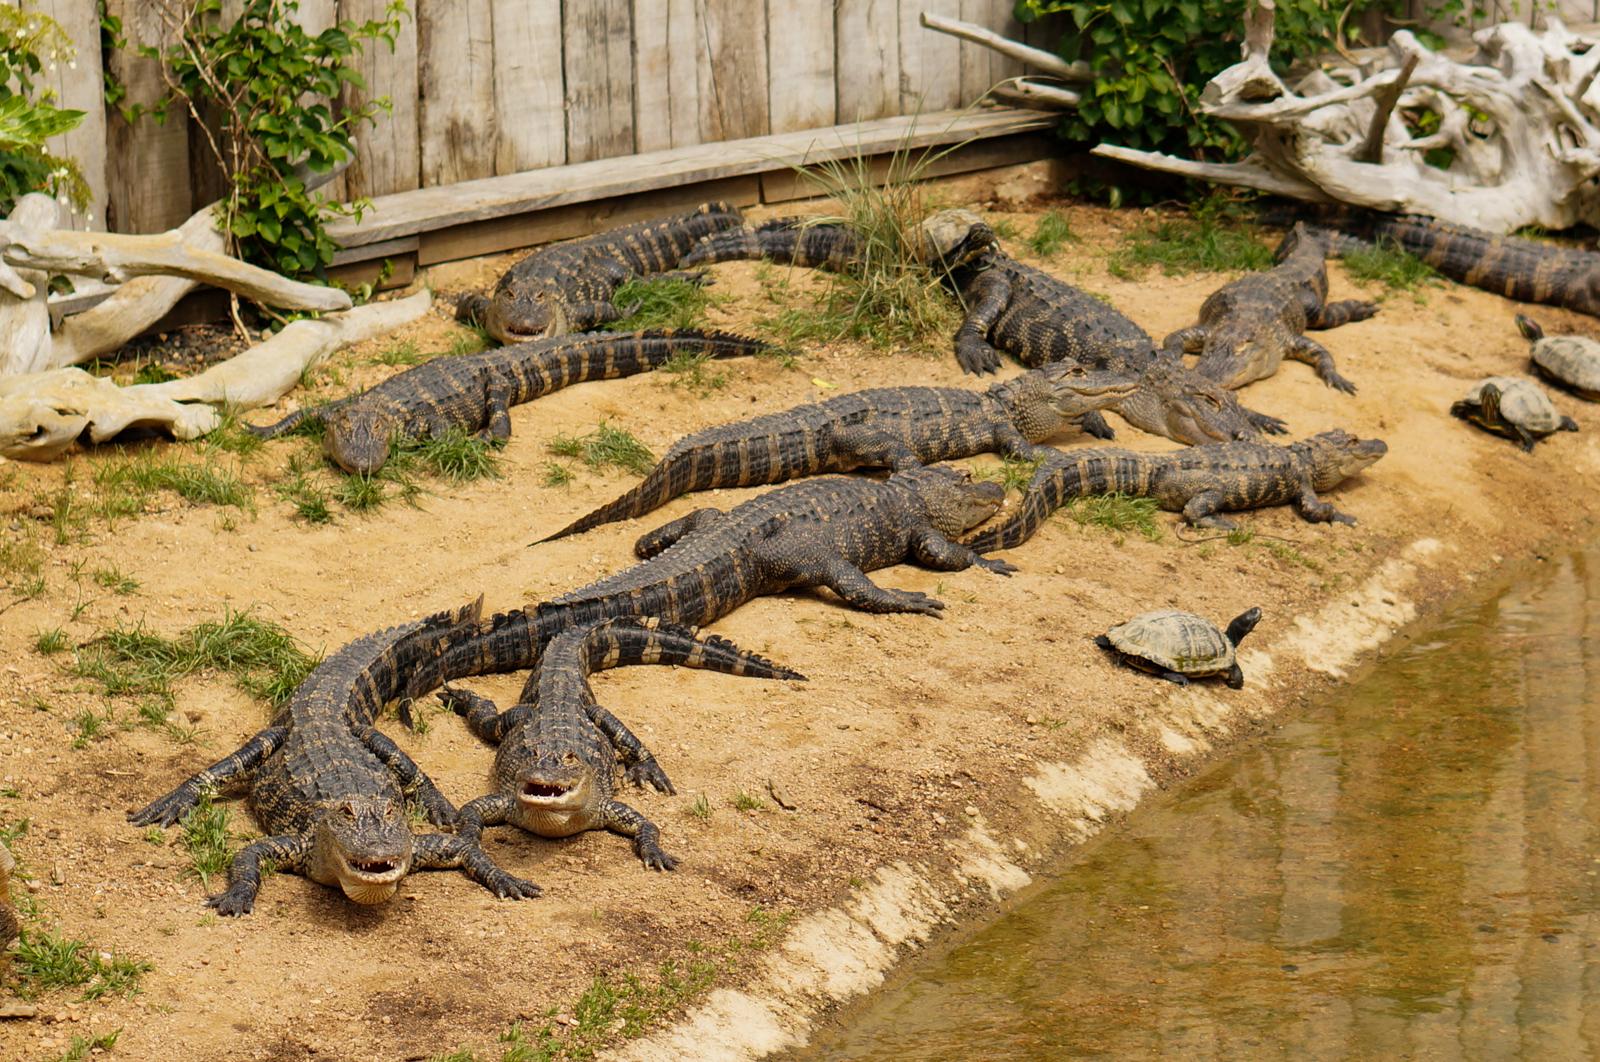 pal, parc d'attractions pal, parc animalier pal, zoo pal, tourisme auvergne, tourisme allier, crocodiles